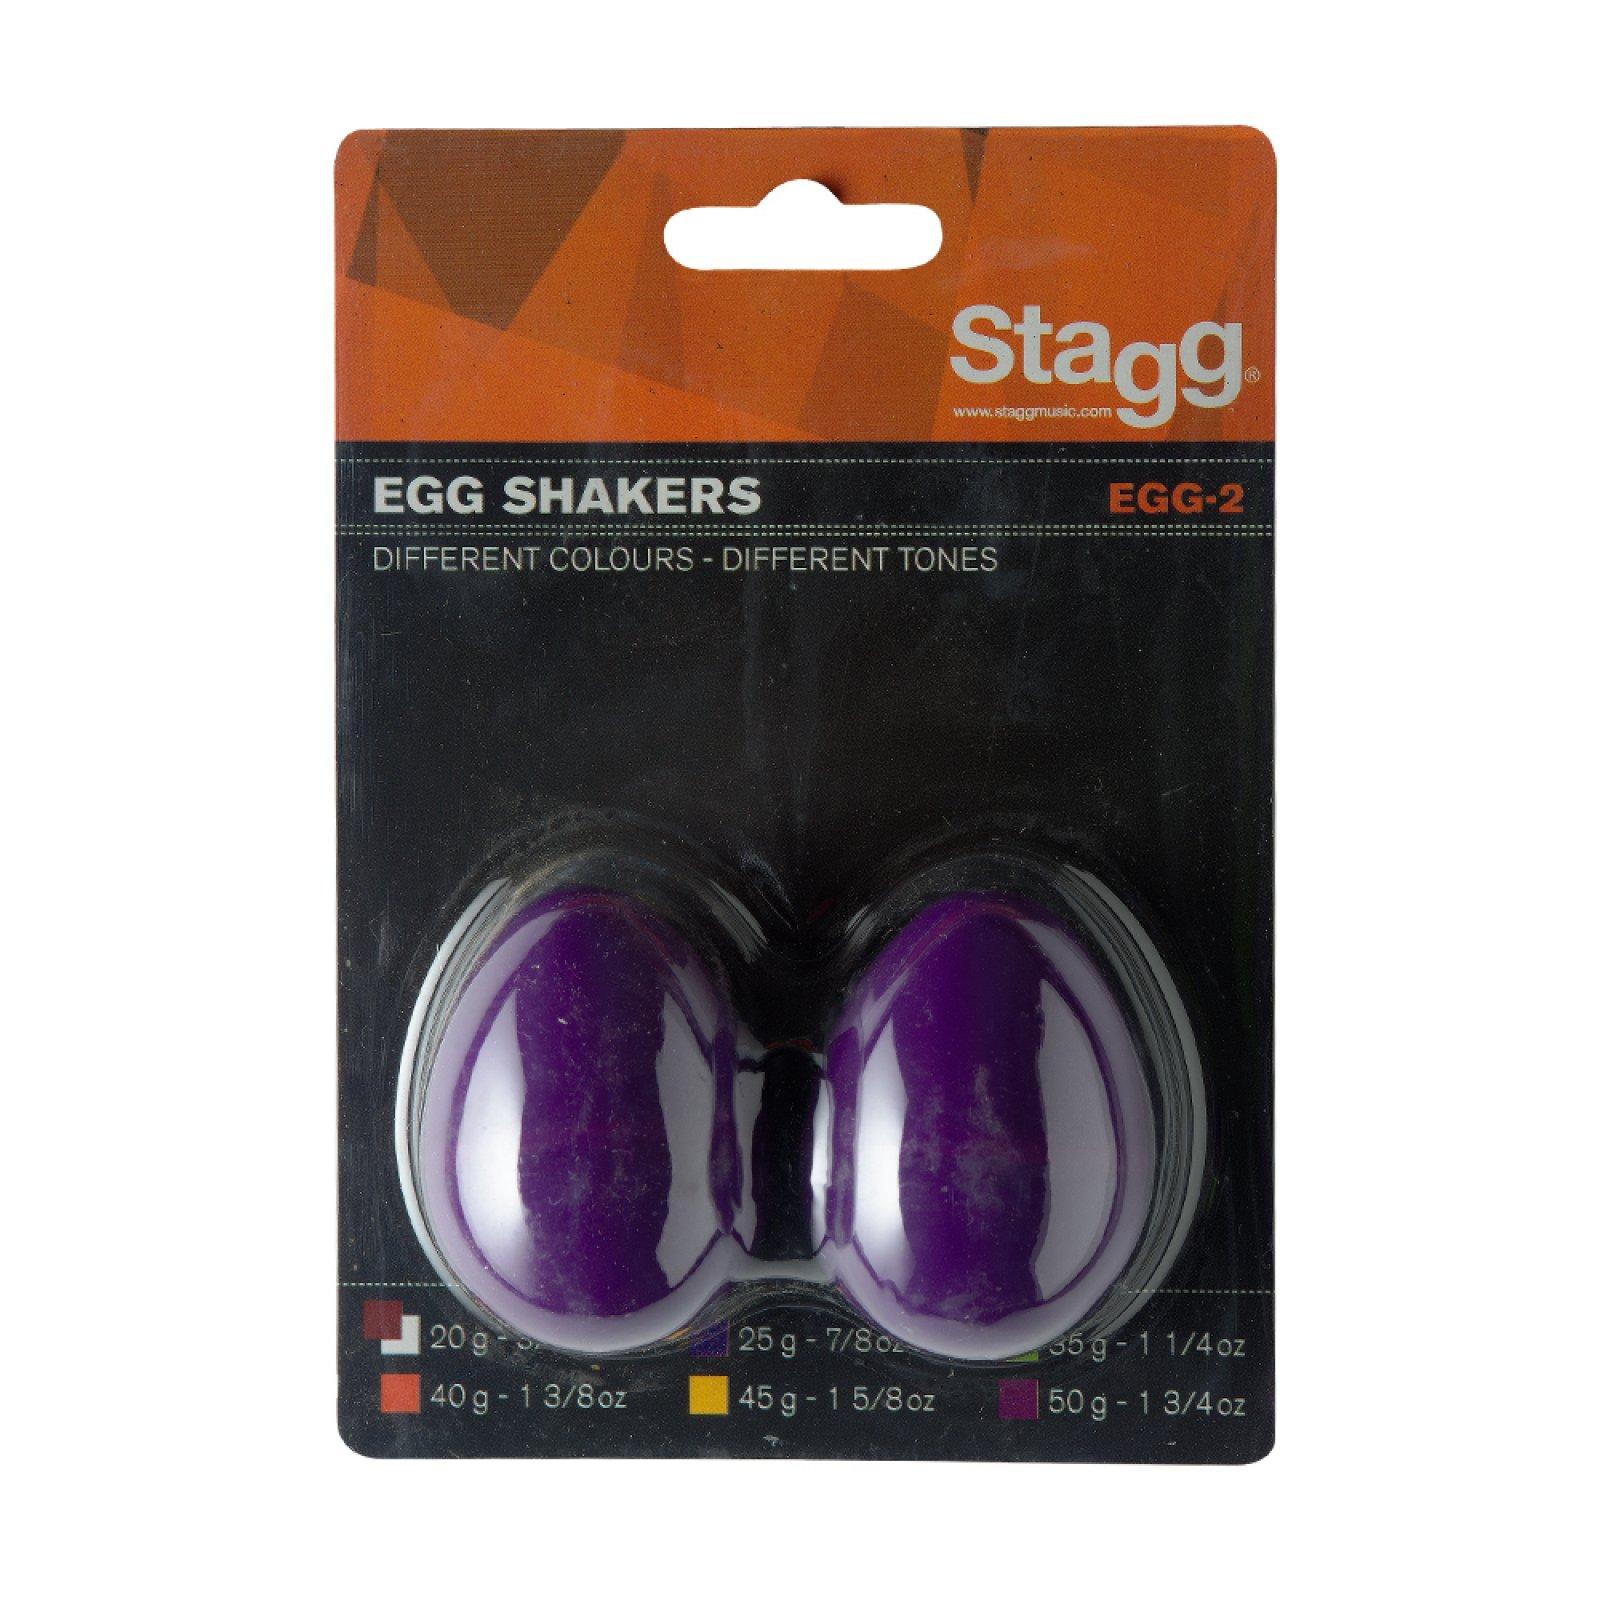 Stagg EGG-2 PP Plastic Egg Shakers